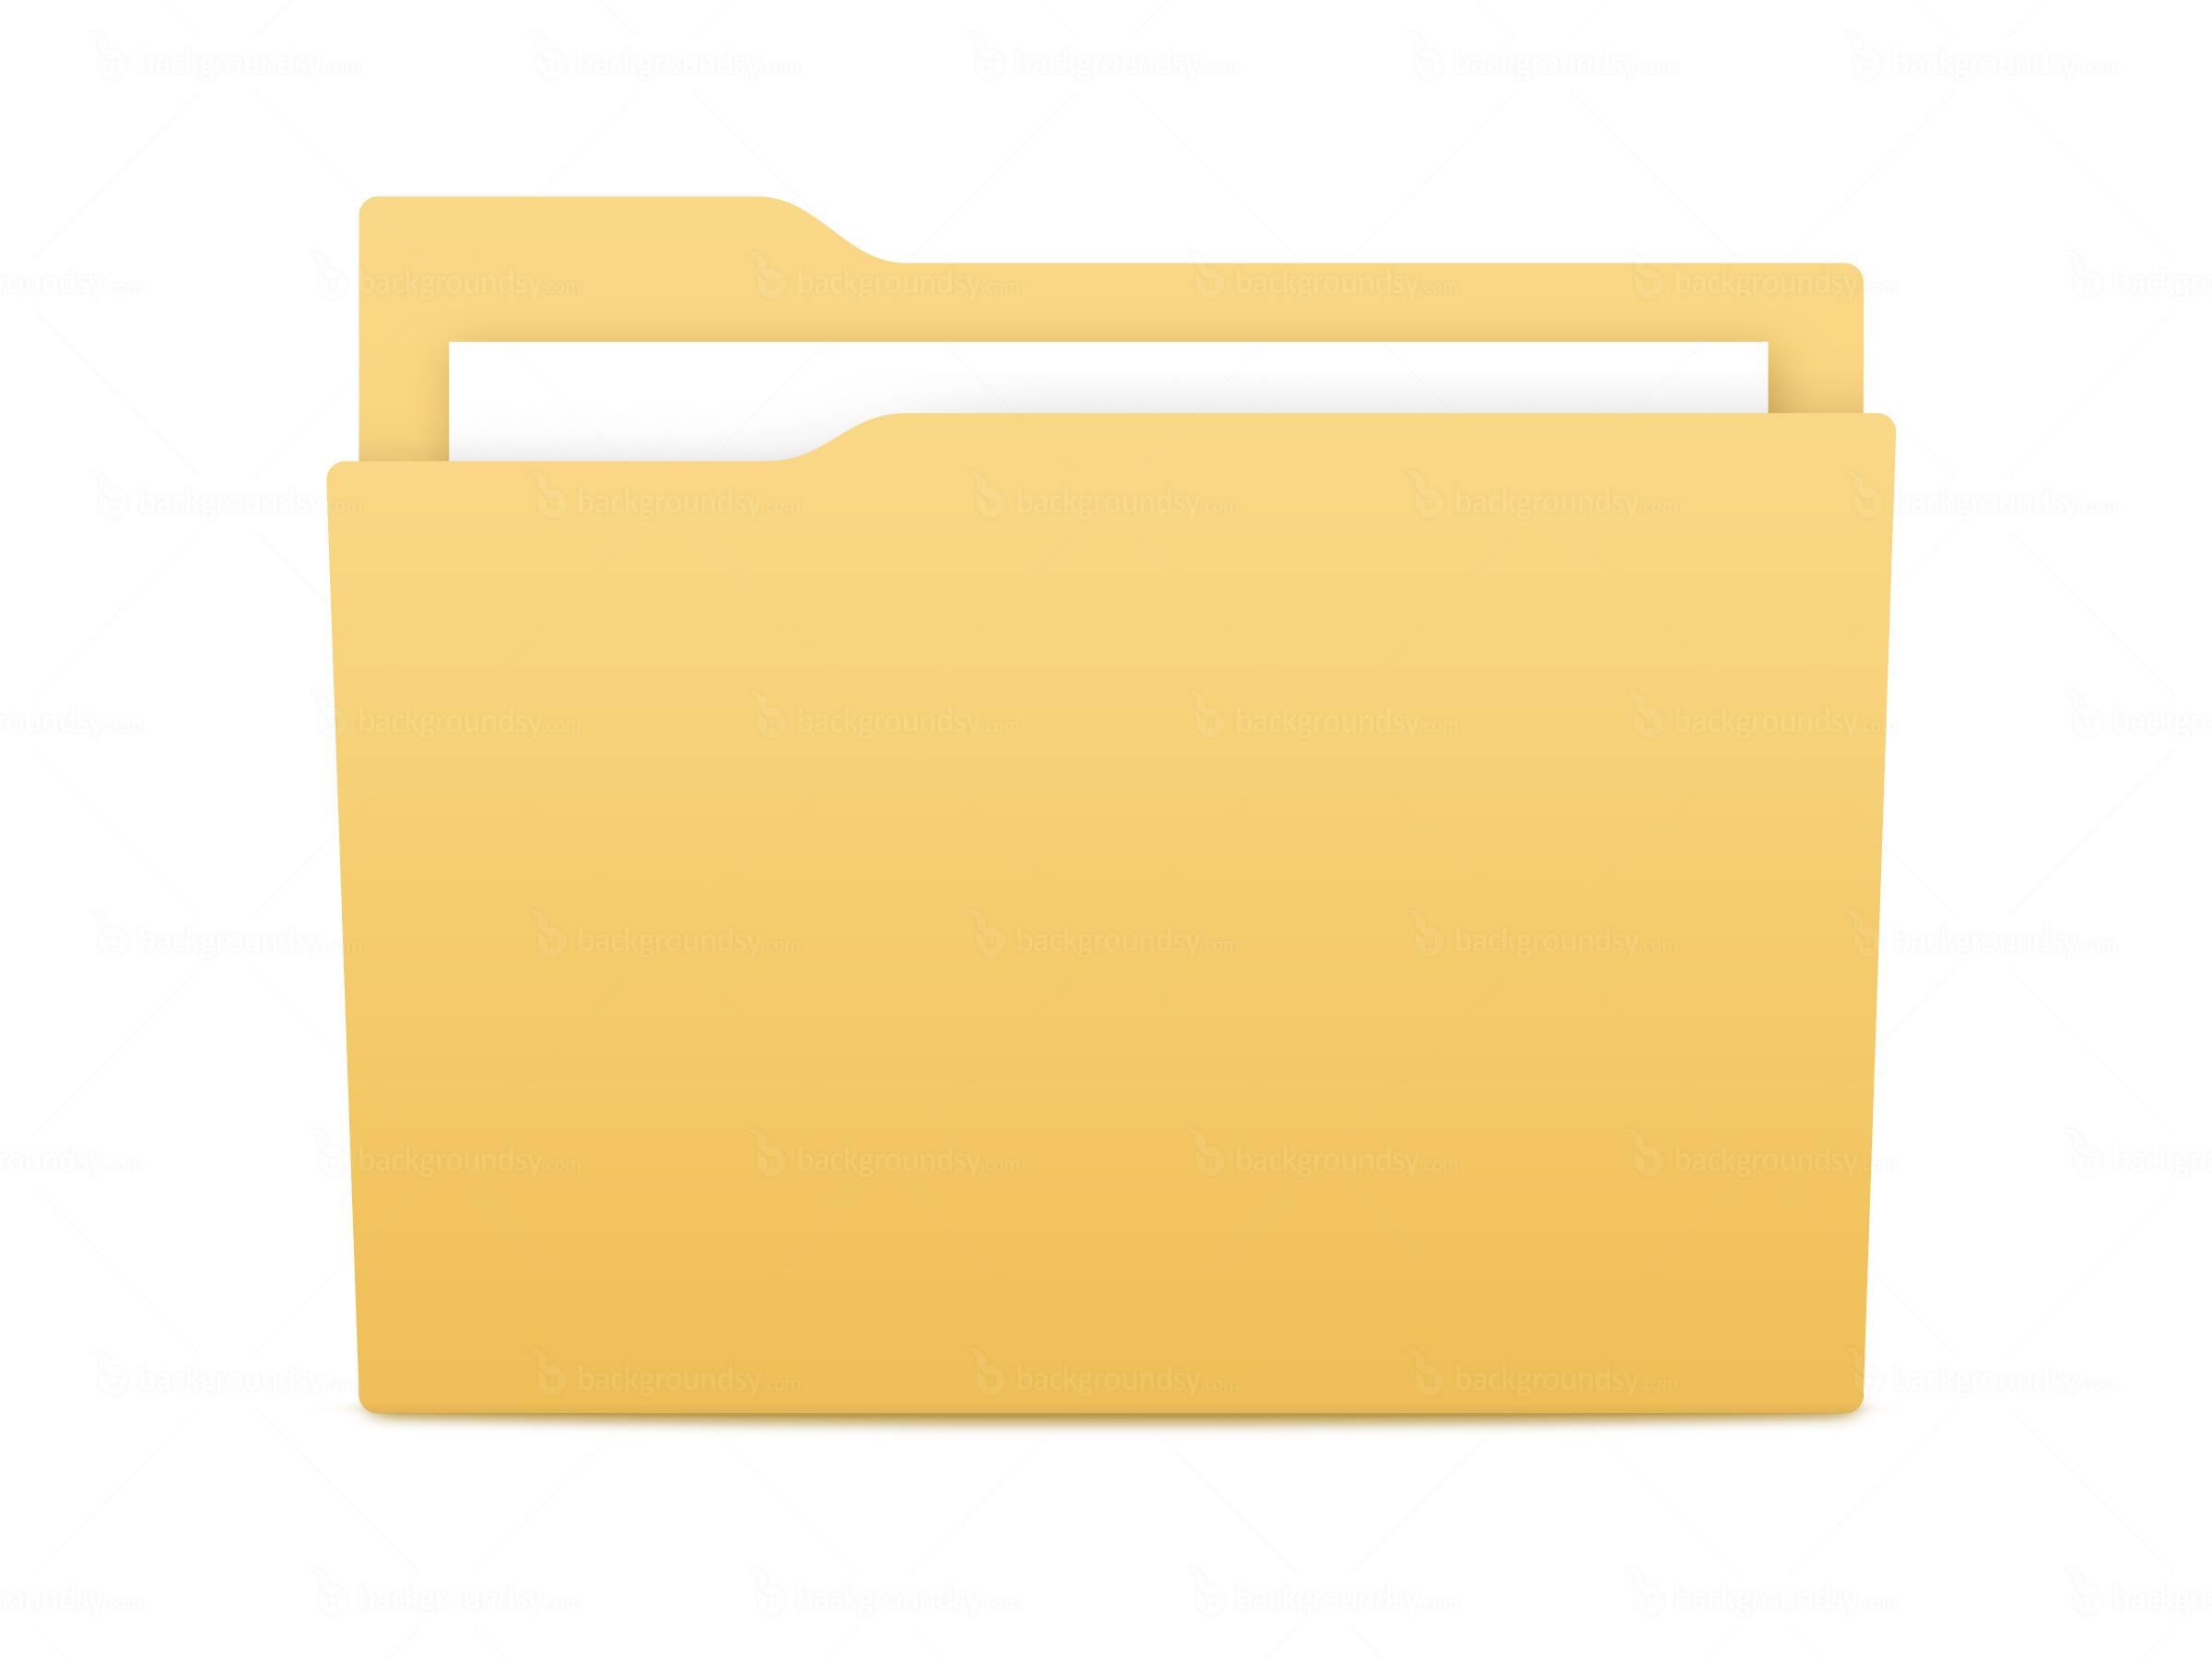 Folder PNG Transparent Folder.PNG Images..